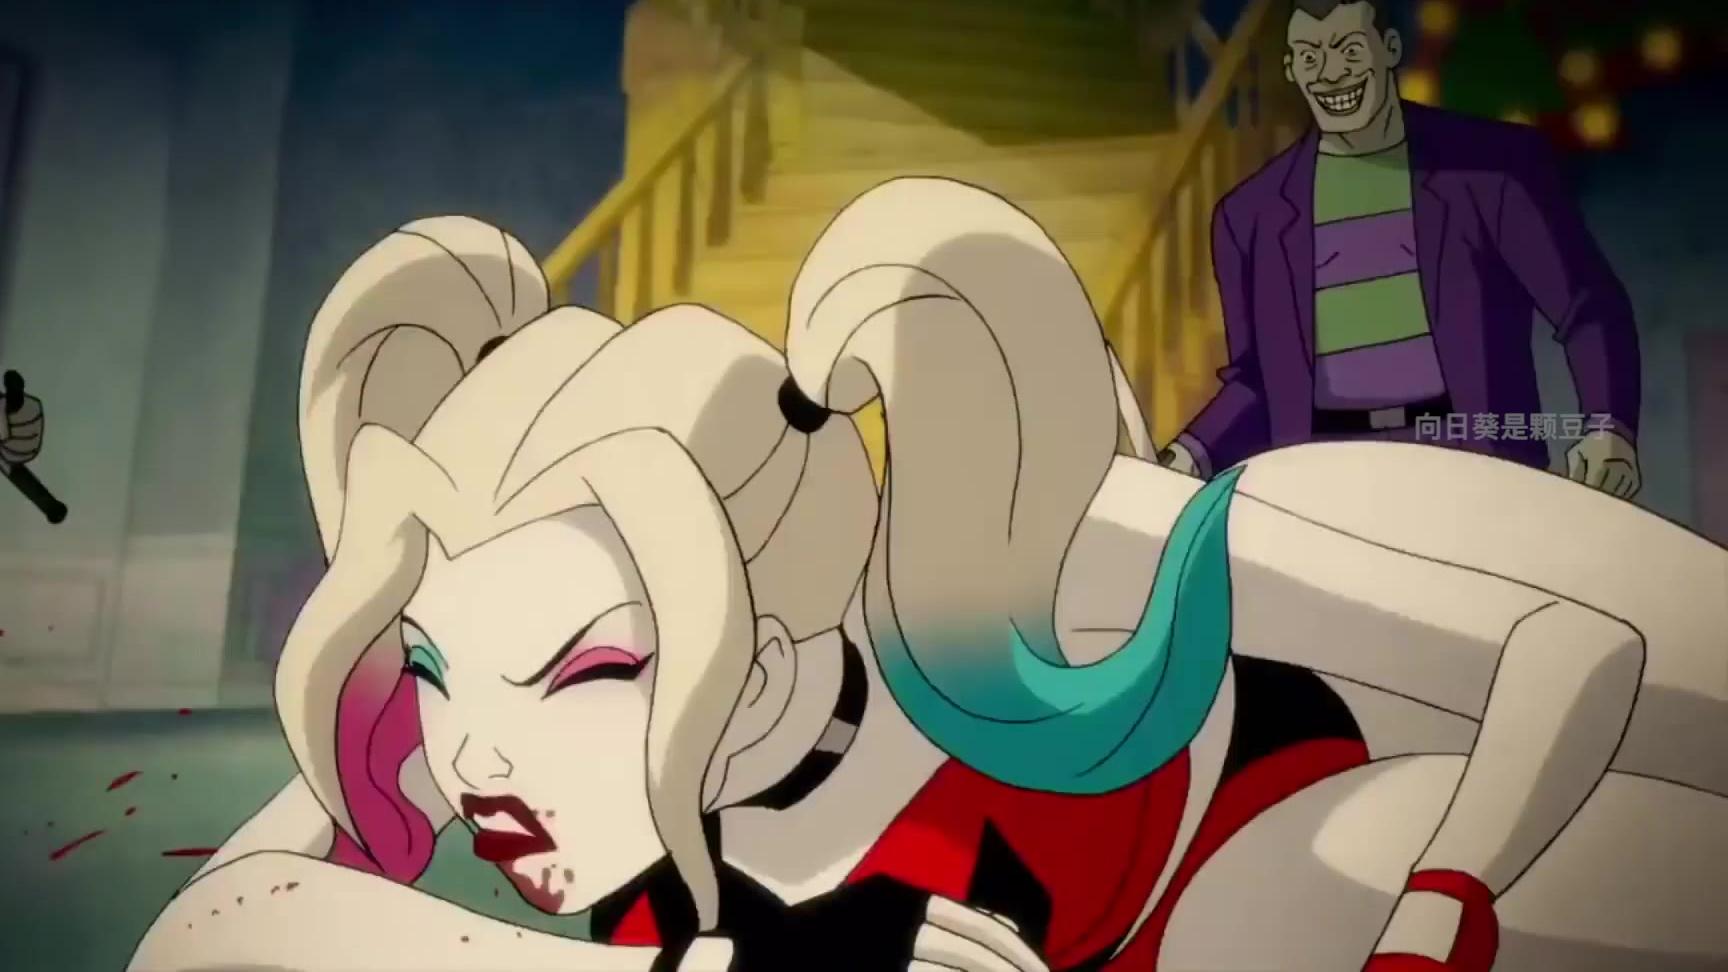 小丑女哈莉·奎茵,美国DC漫画旗下的超级反派